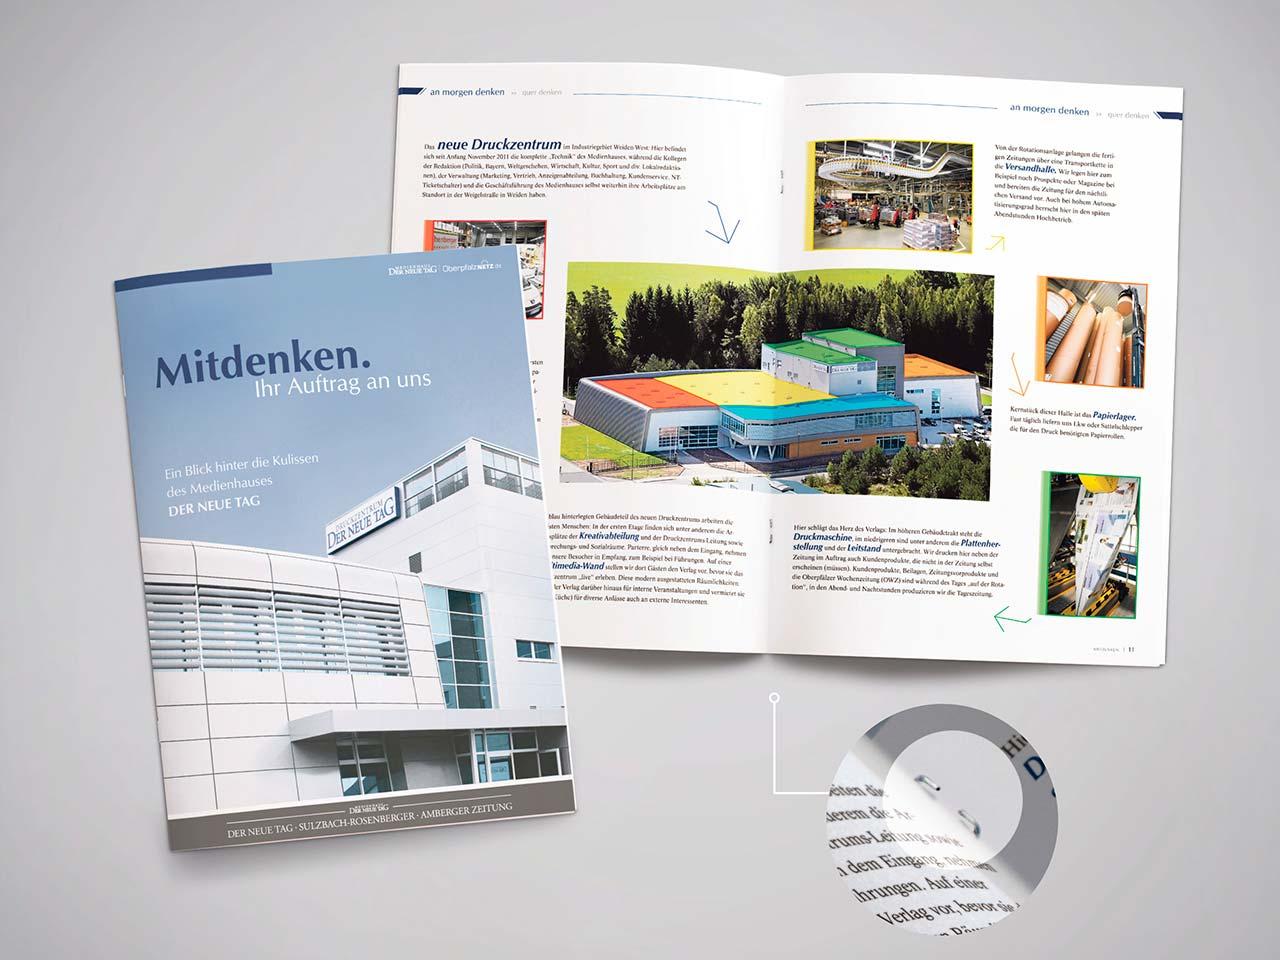 Verlagsbeilage in Din A4 aus dem Druck von Oberpfalz Medien.